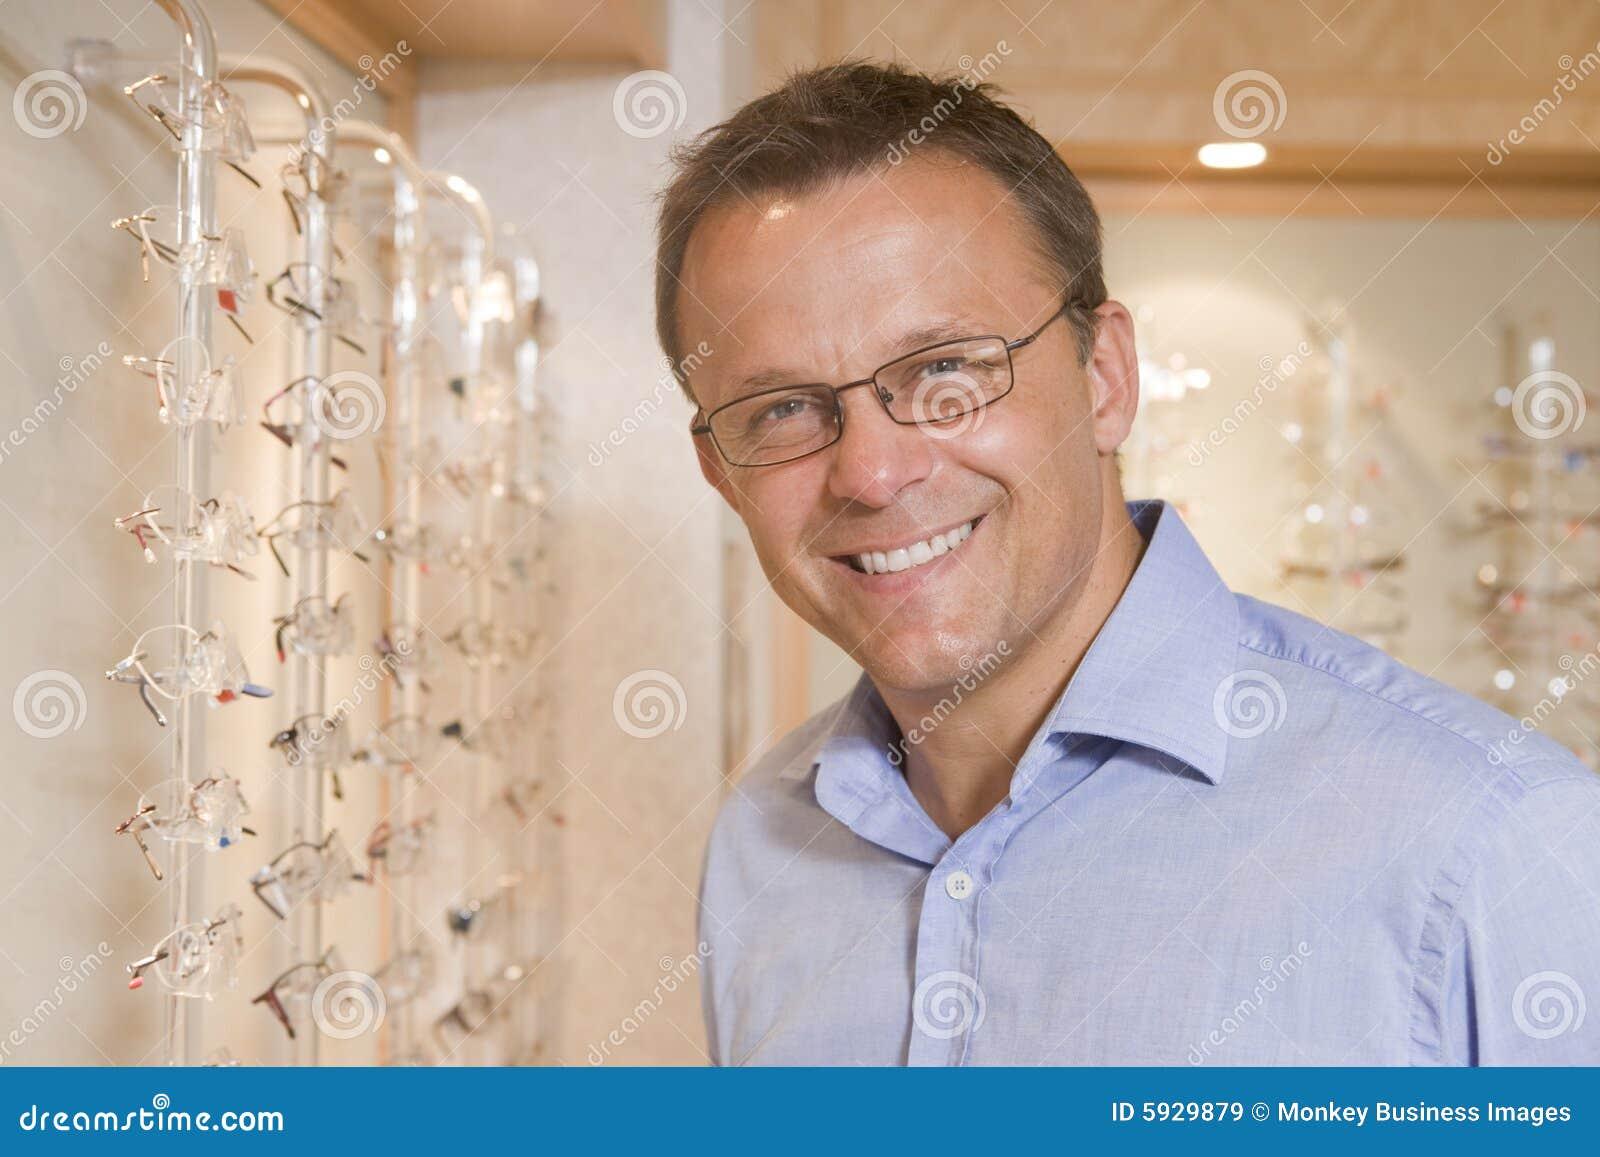 Homme essayant sur des lunettes aux optométristes